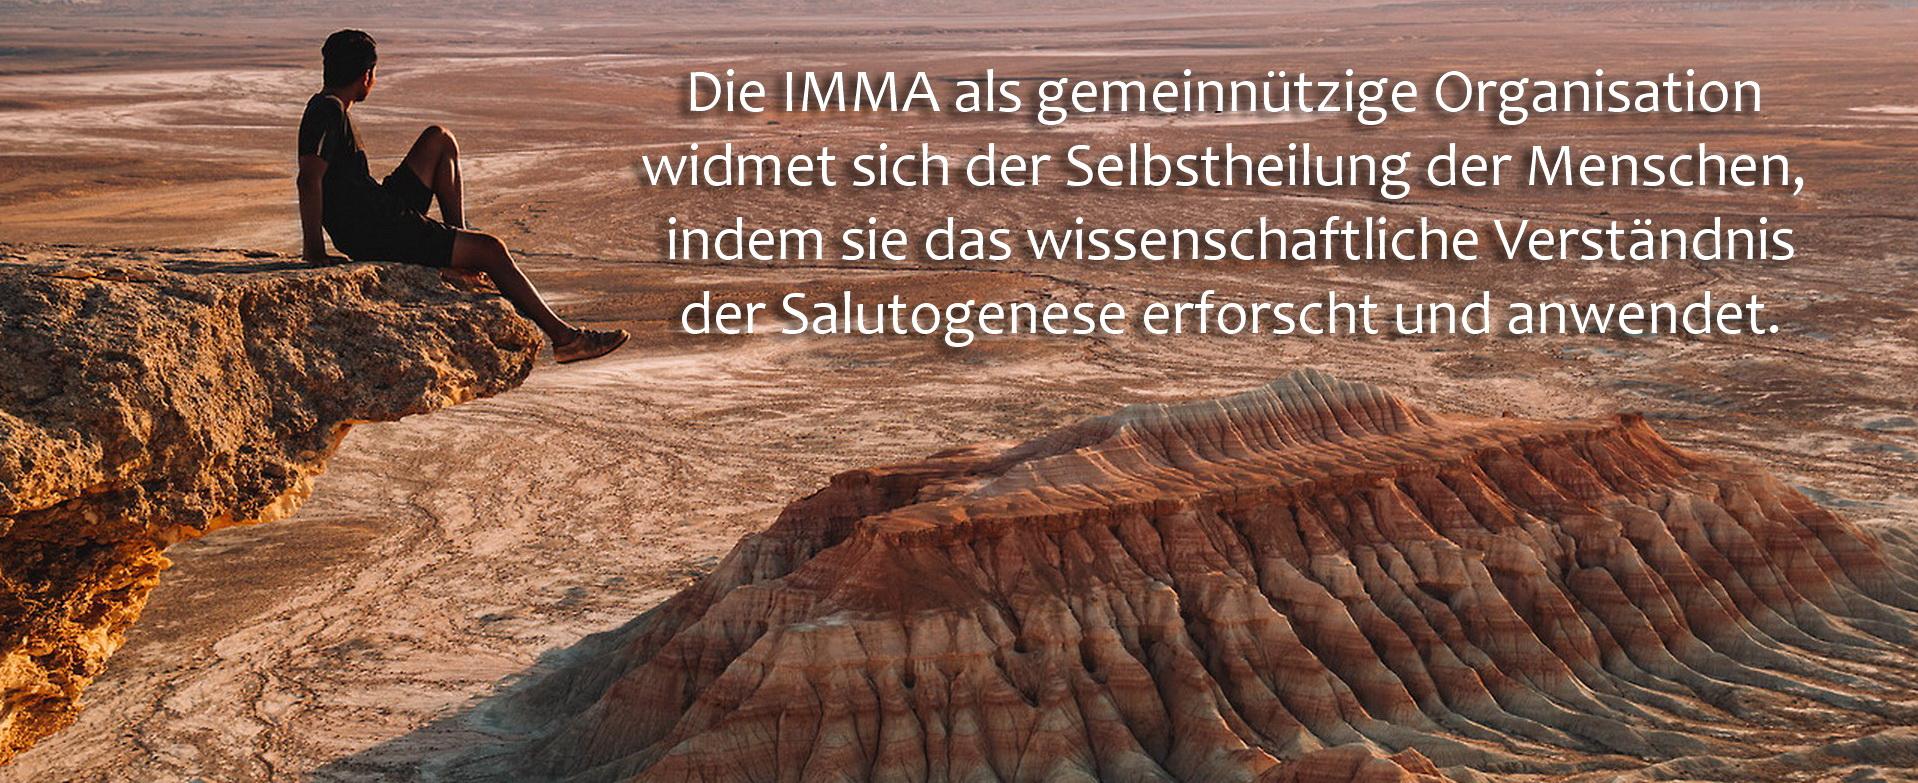 Die IMMA als gemeinnützige Organisation widmet sich der Selbstheilung der Menschen, indem sie das wissenschaftliche Verständnis der Salutogenese erforscht und anwendet.